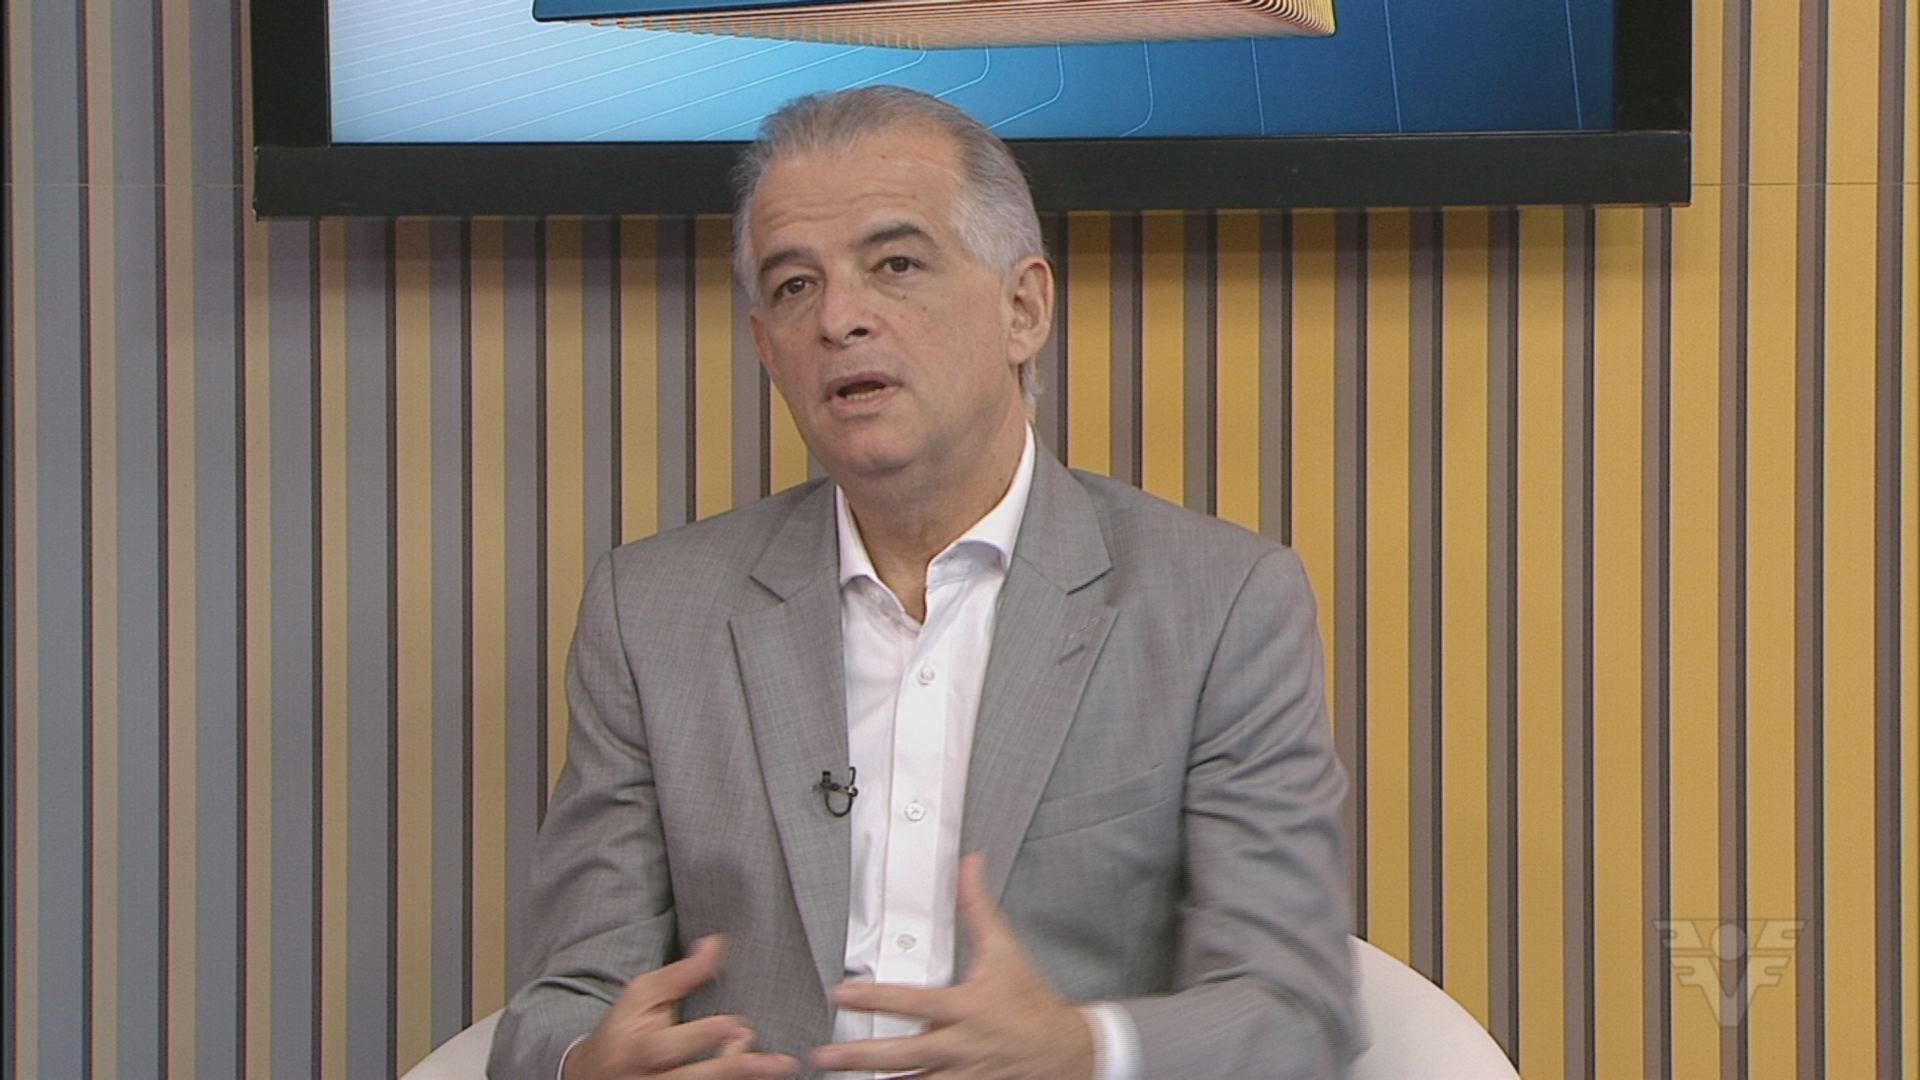 Márcio França diz que ataque em Campinas poderia ter sido pior: 'Polícia evitou' - Noticias